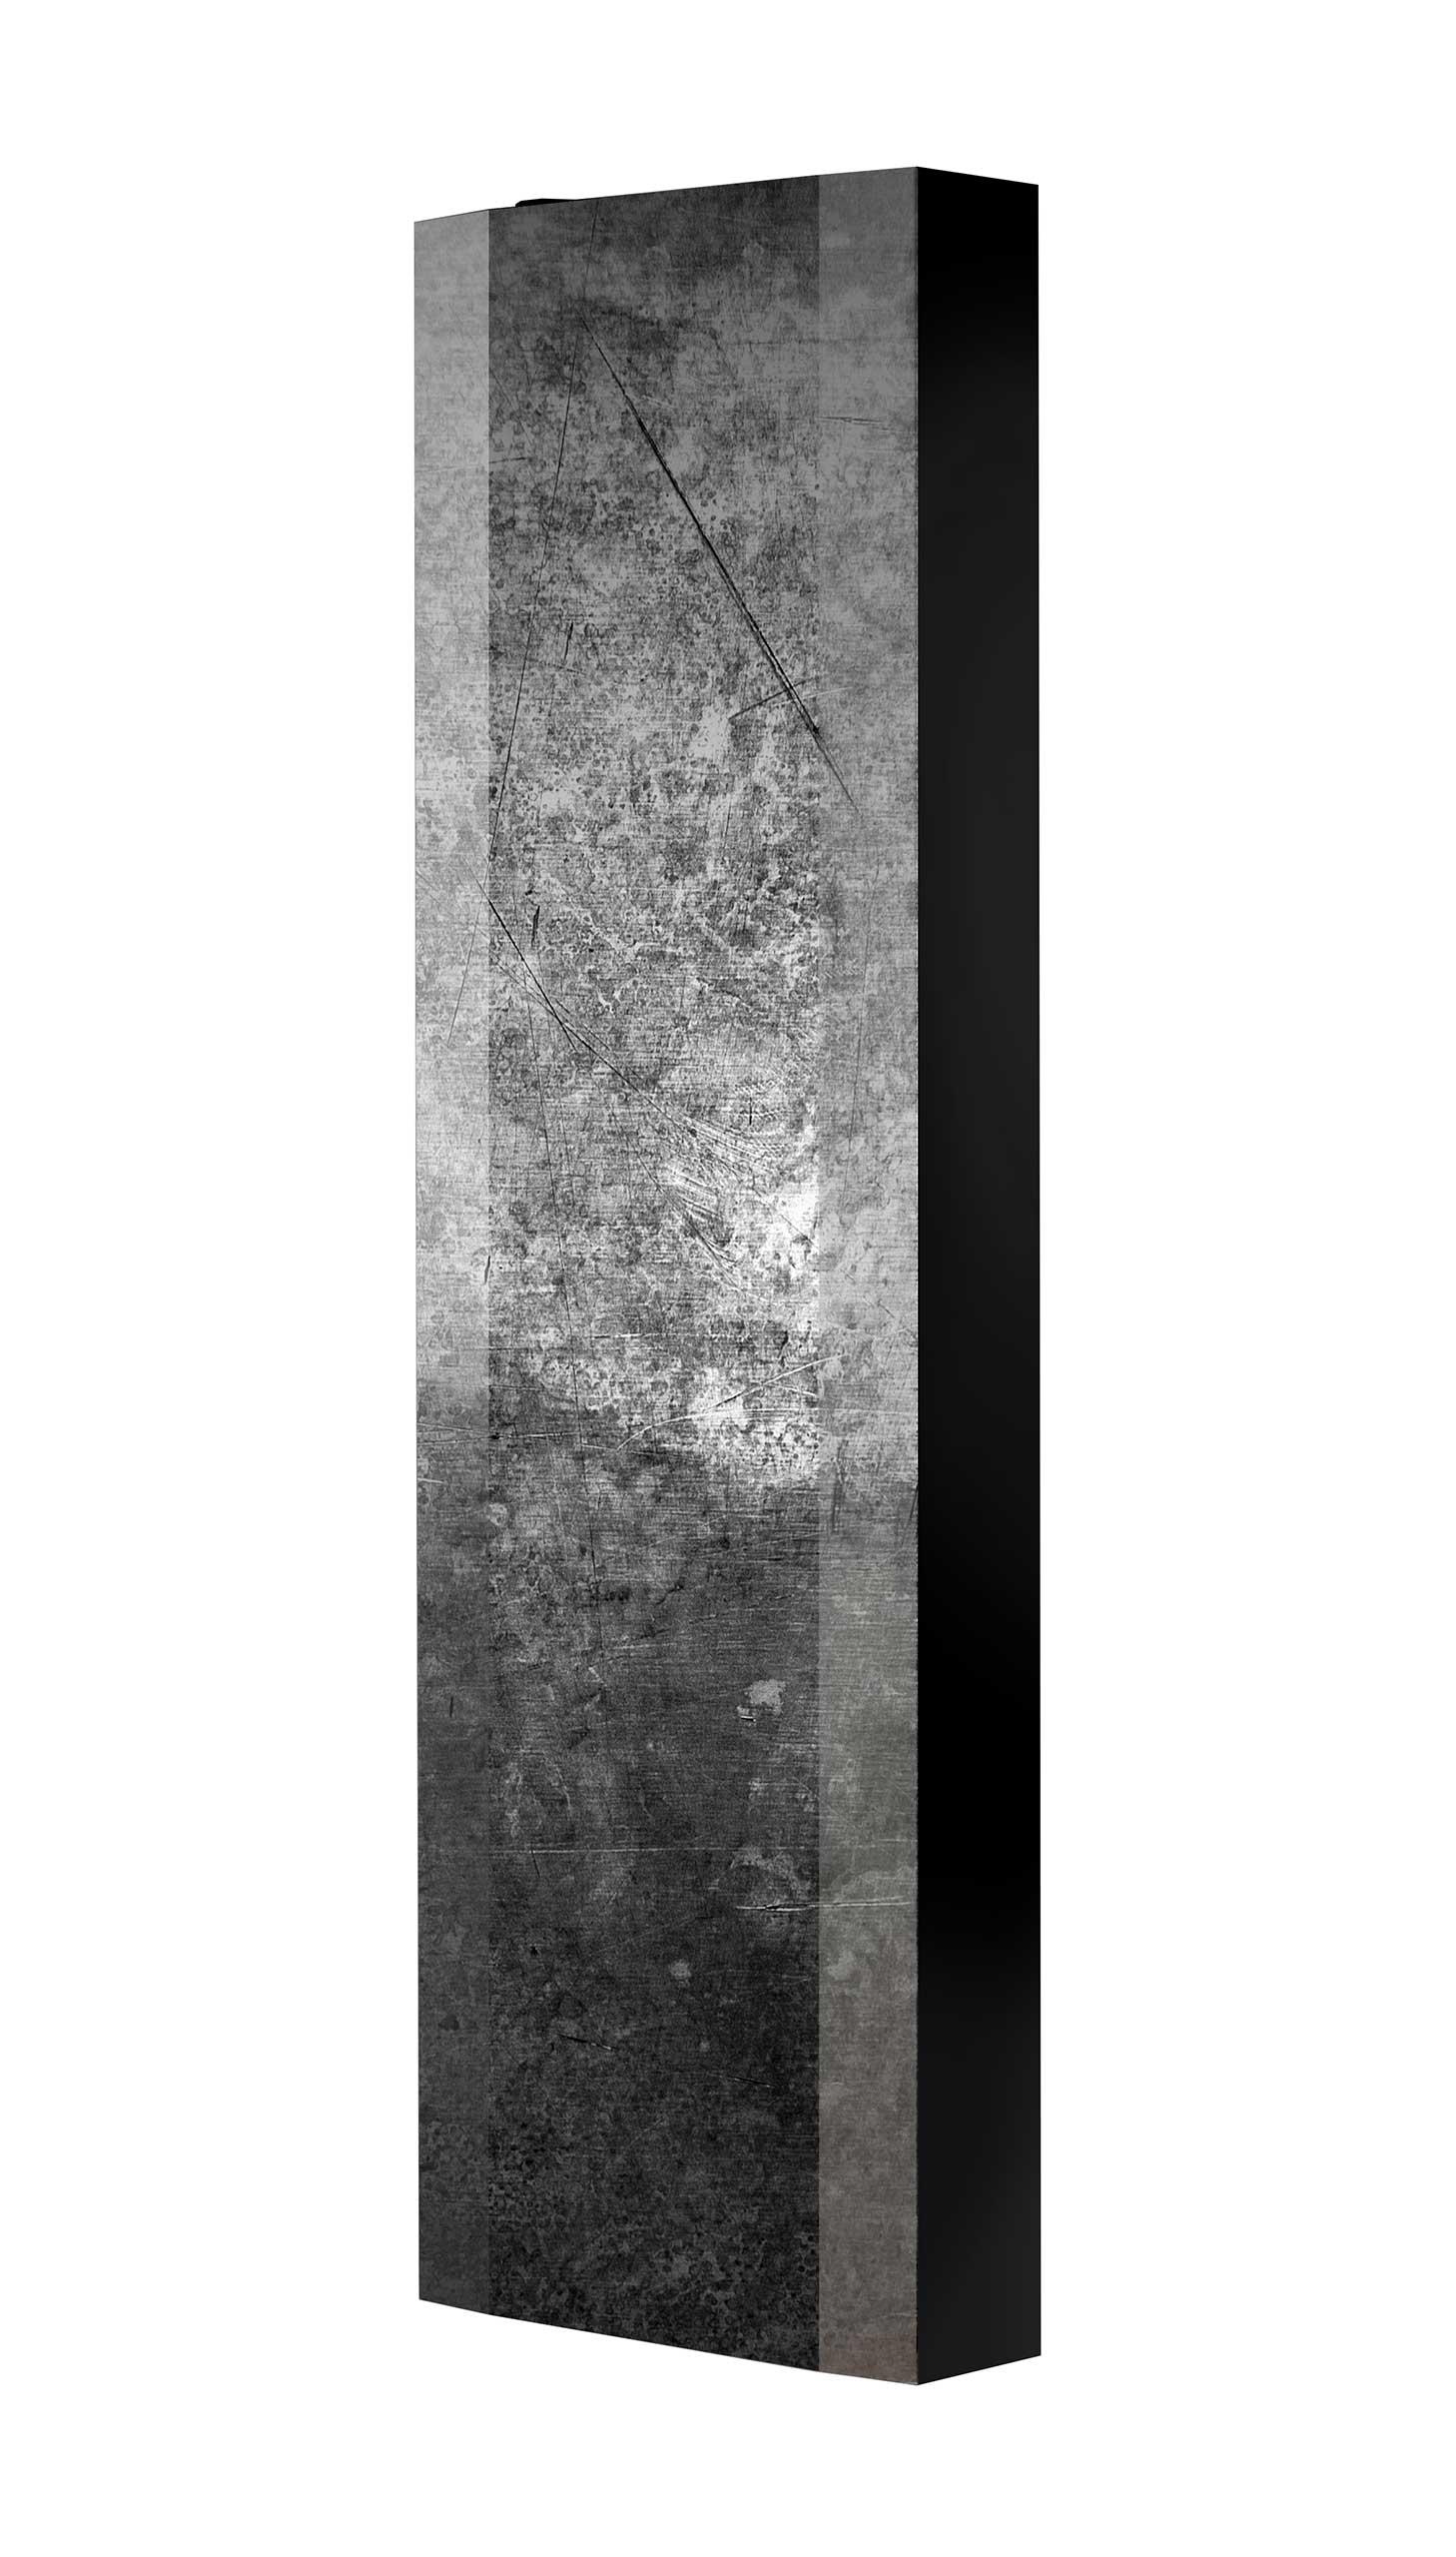 Schuhschrank FLASH 450 BLACK-EDITION Motivschrank schwarz drehbar M13 Beton